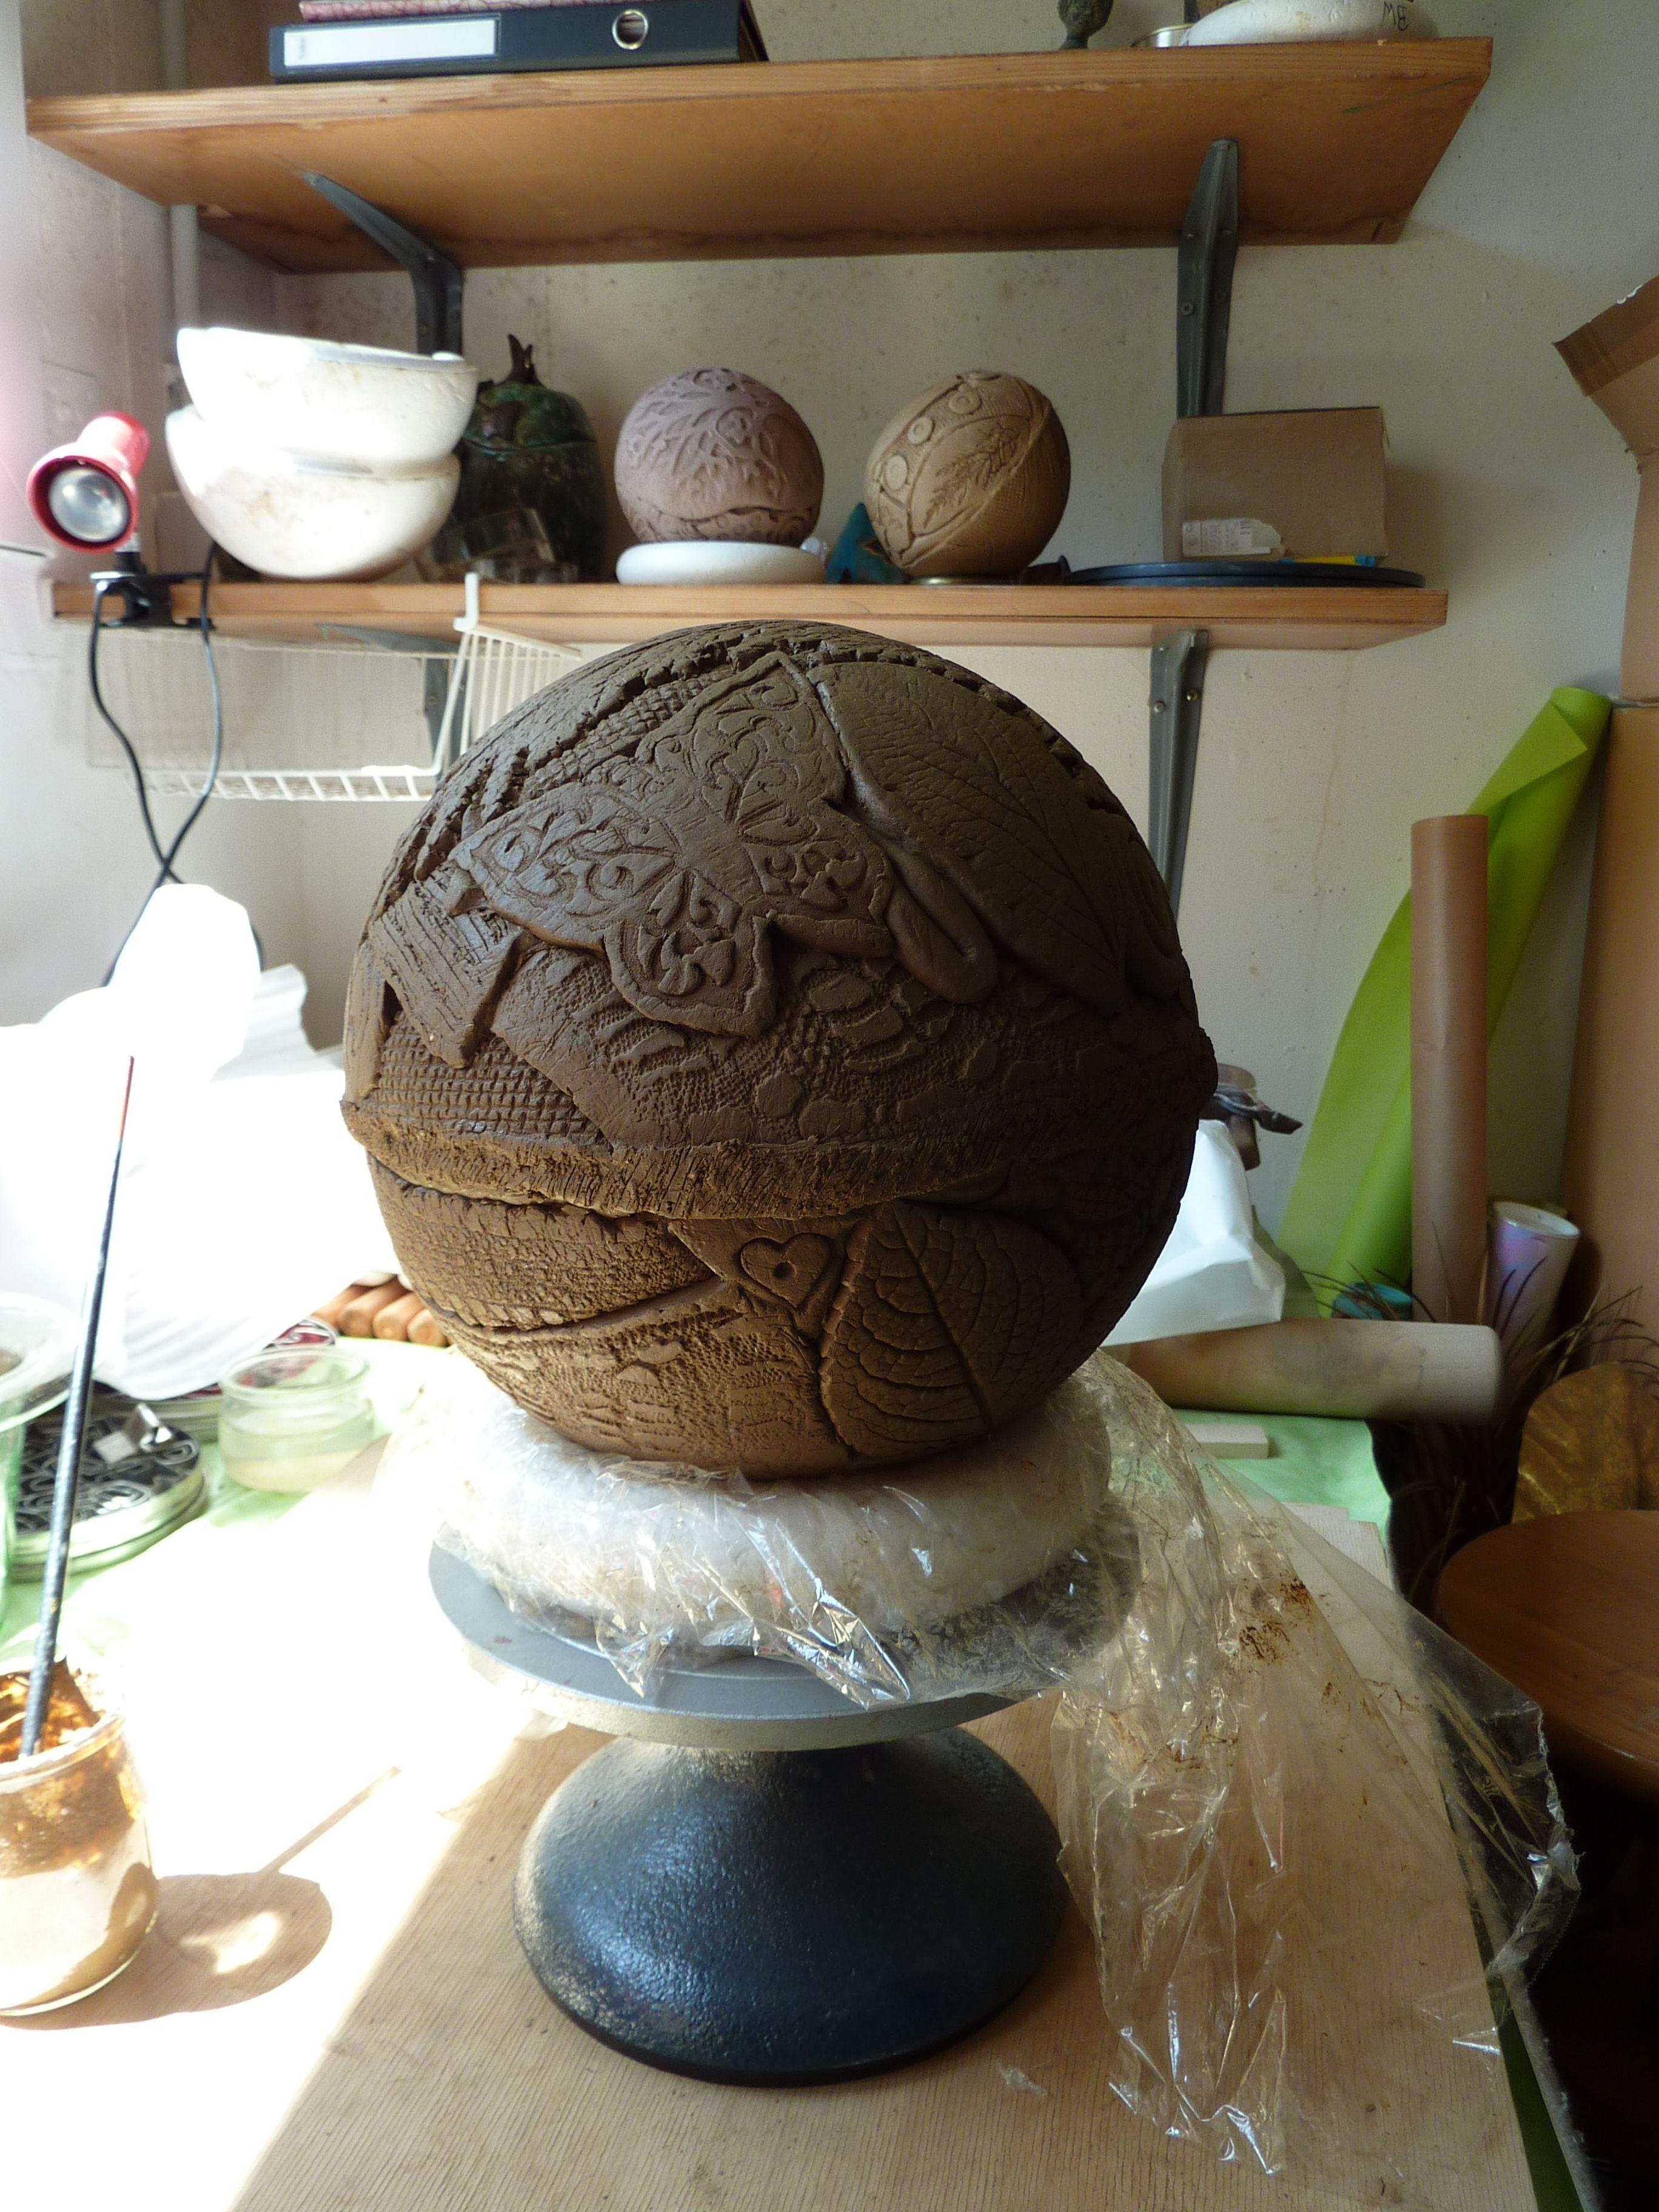 poterie artisanale photo pinterest artisanales poterie et boule. Black Bedroom Furniture Sets. Home Design Ideas